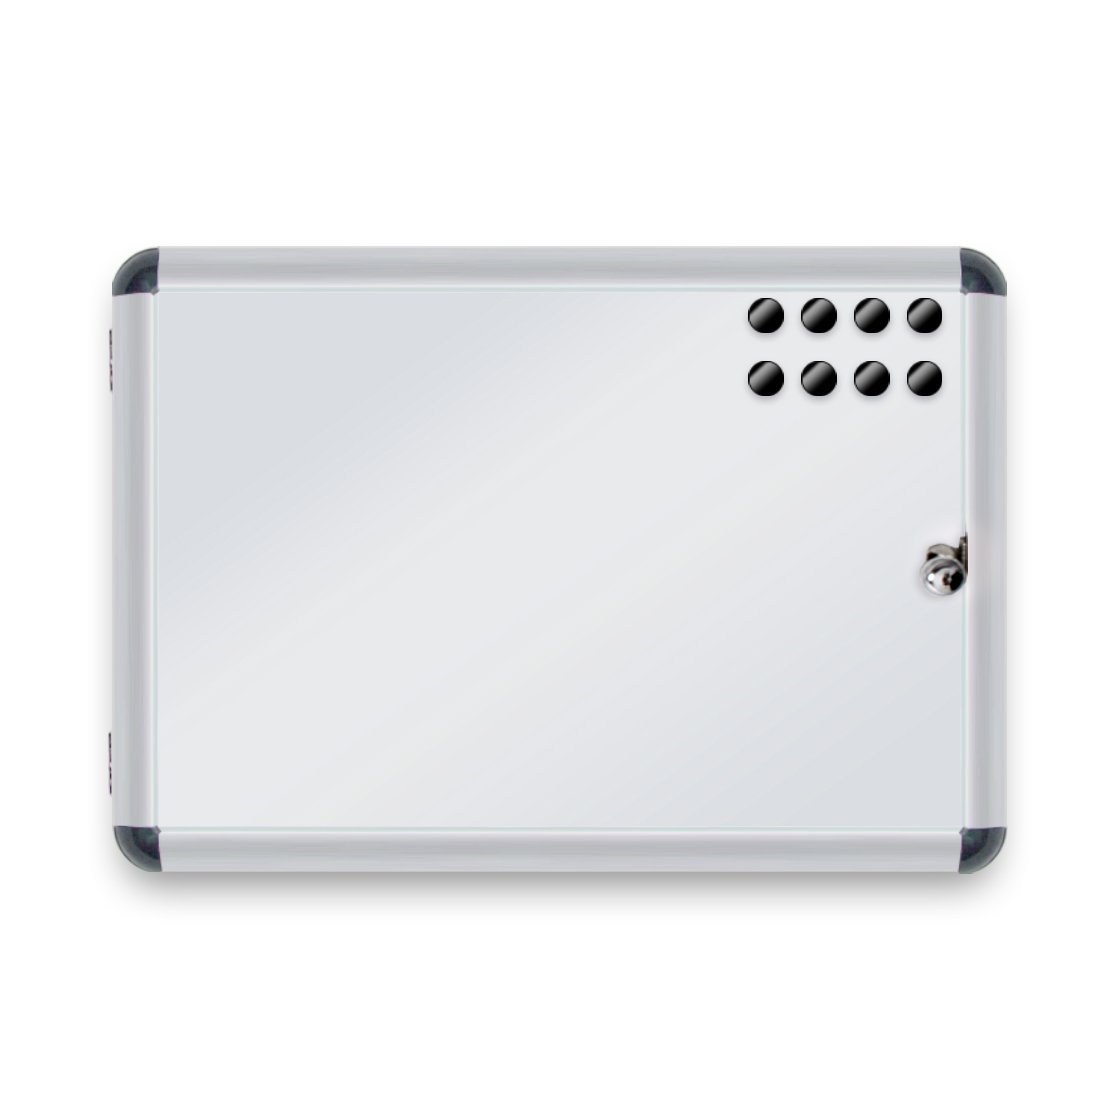 Lavagnetta Cancellabile Varie Misure 37 x 48 cm Lavagna Magnetica da Parete Bacheca con Chiave per Interni 2x A4